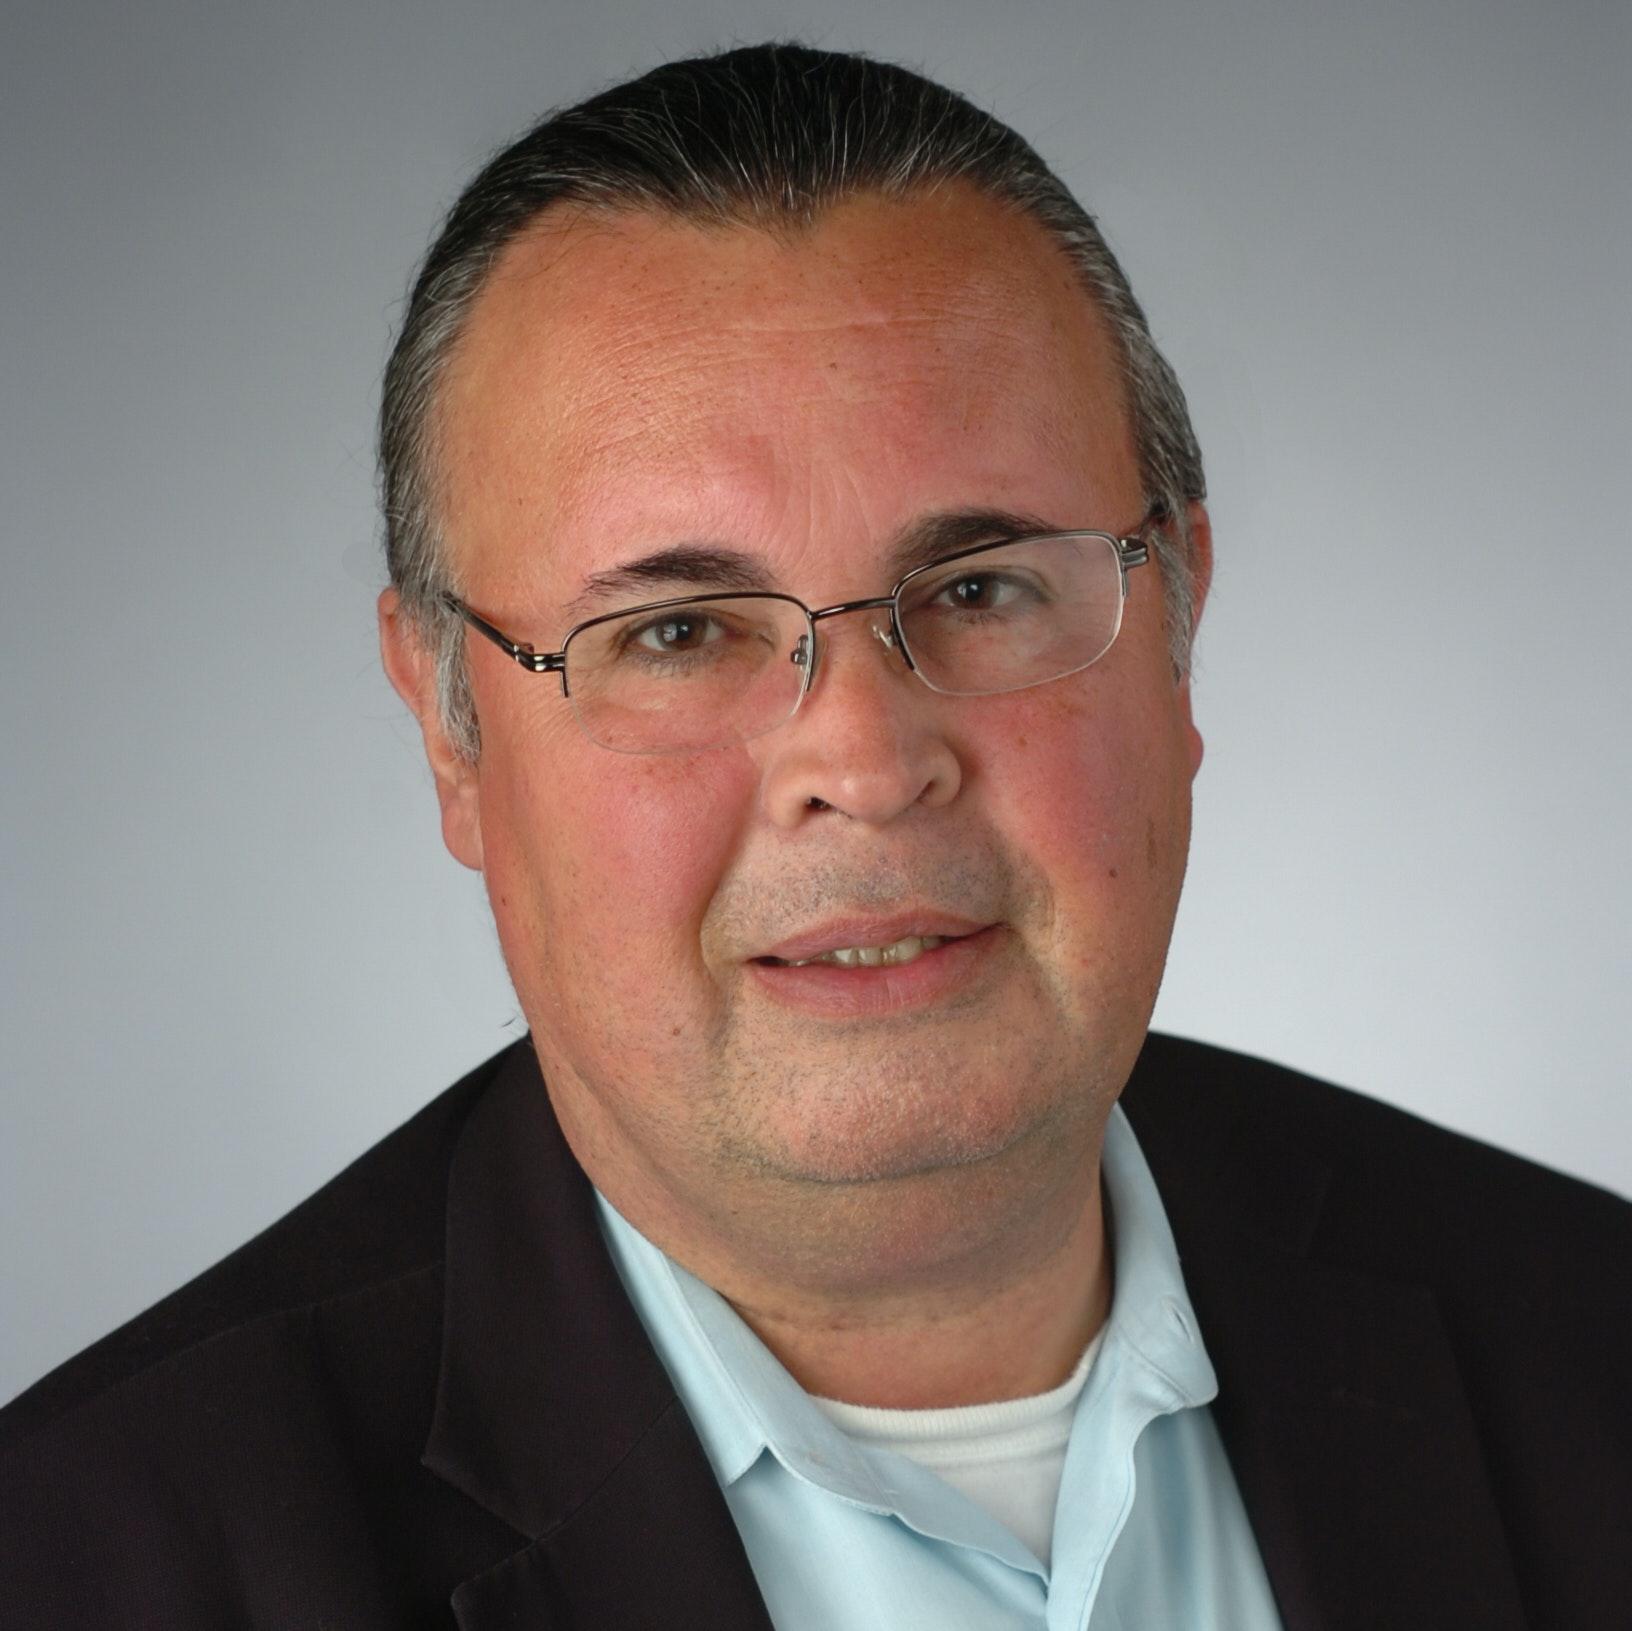 Portrait of Scott Stevens